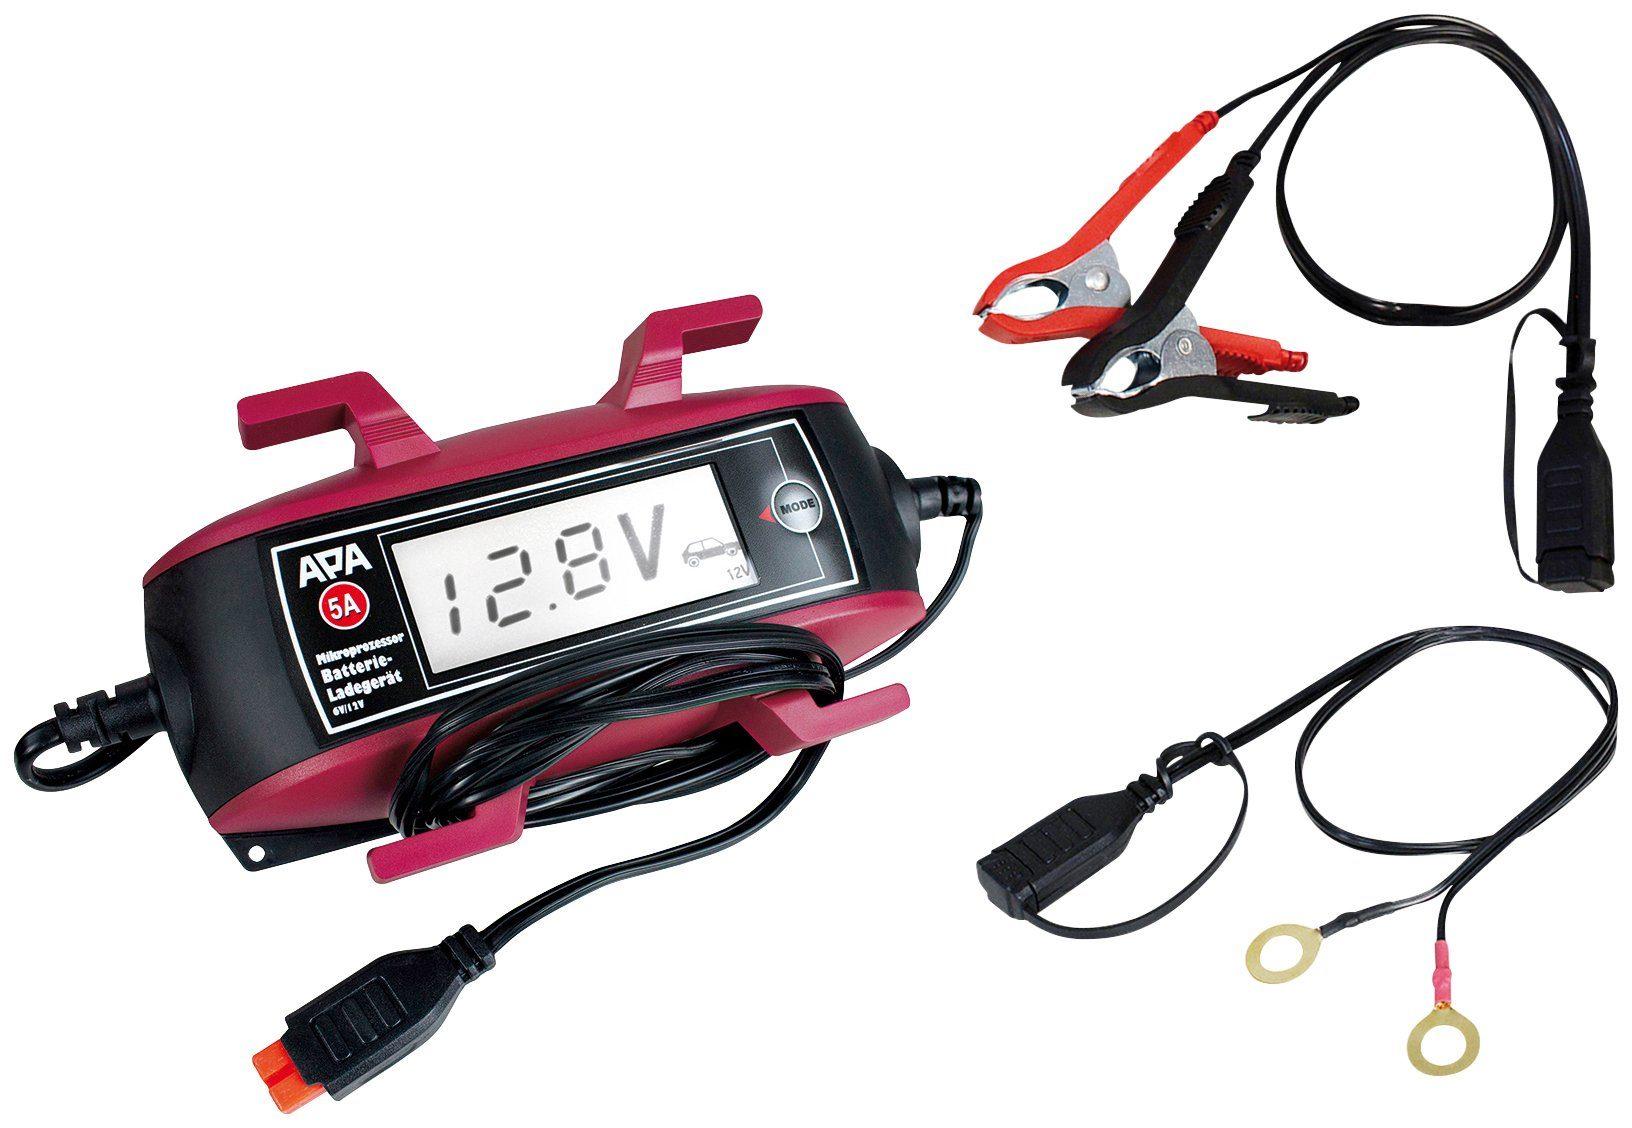 APA Batterieladegerät »6V/12V, 5A «, mit Kabelaufroller und großem Display